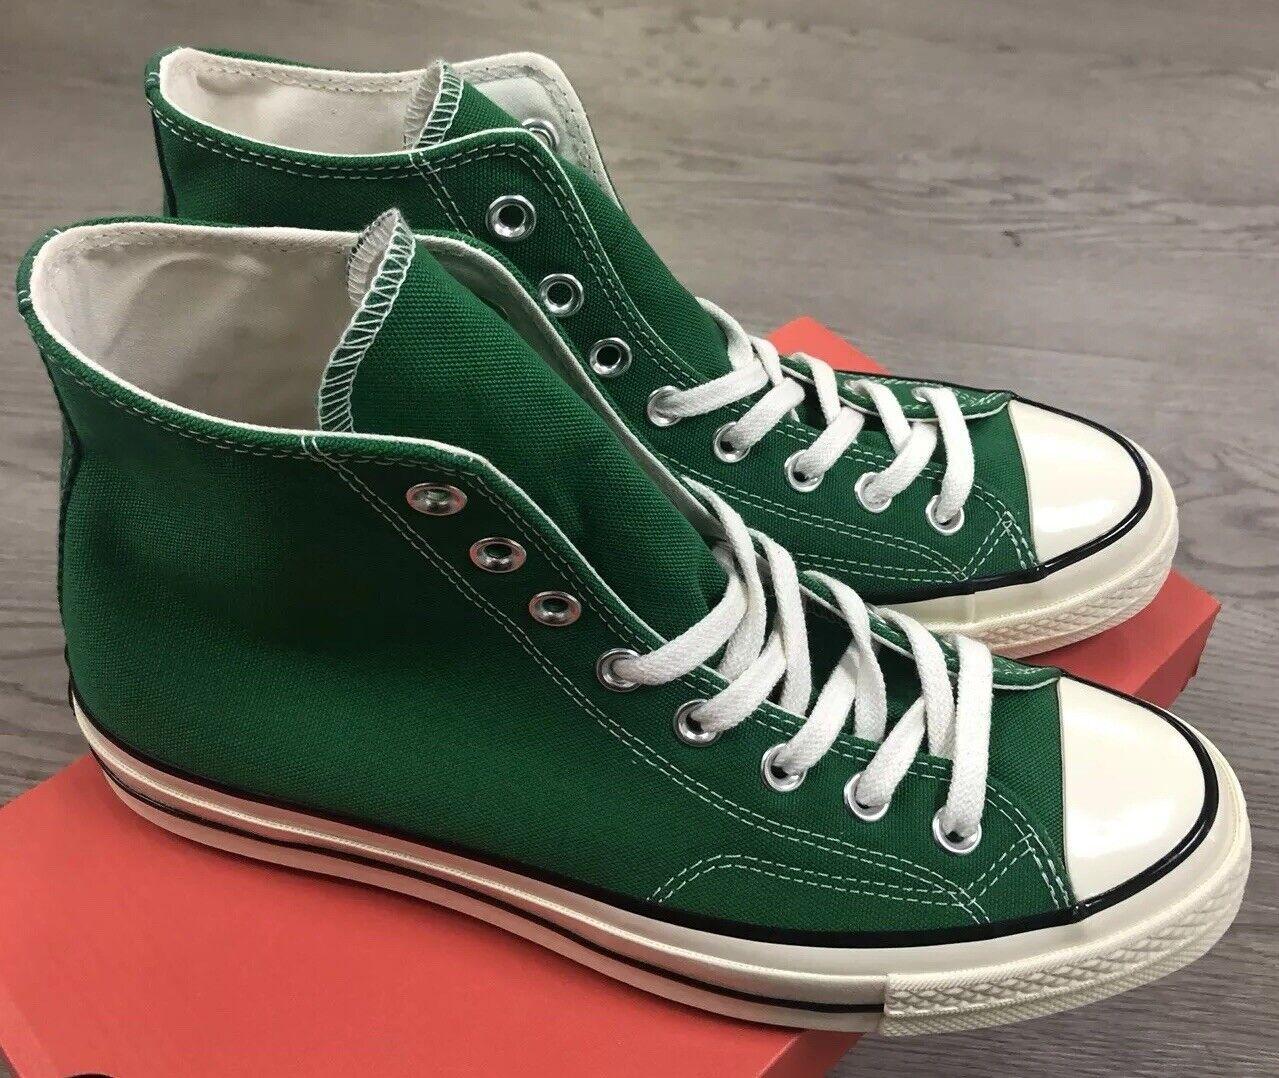 Converse Chuck 70 Hi verde Negro Garza Talla Hombre 9.5 Nuevo en Caja 161441c